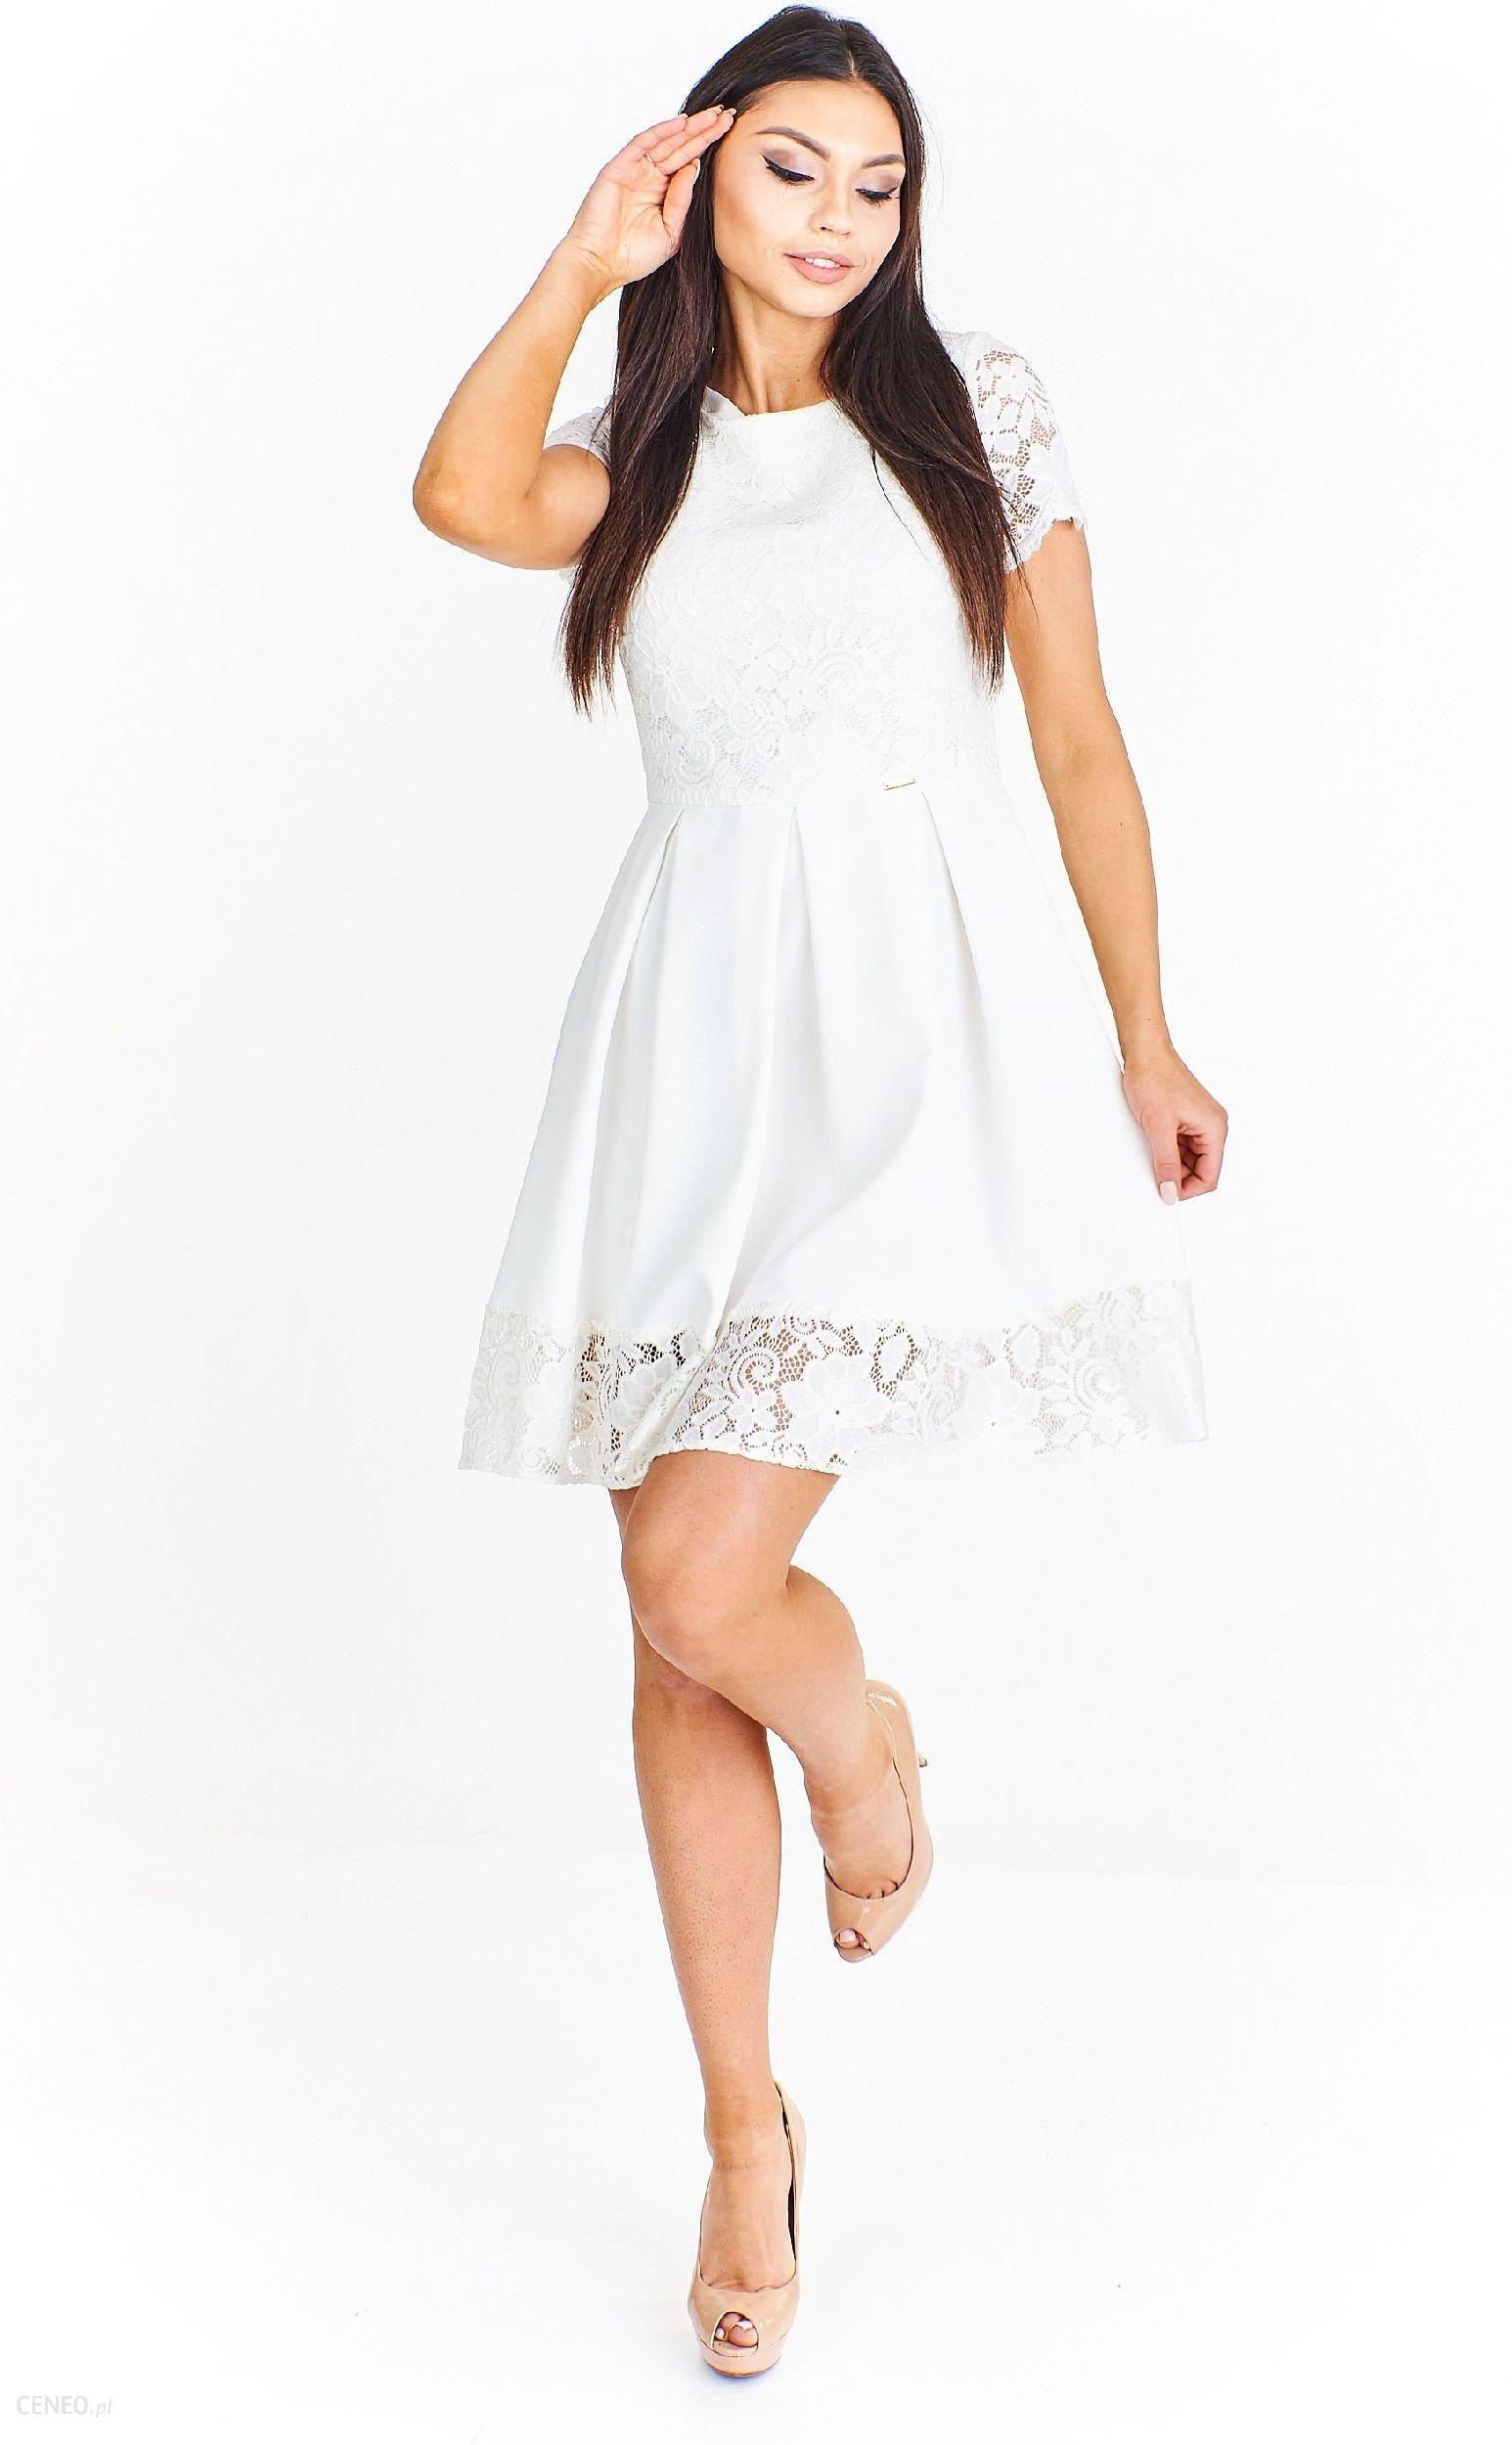 b45b1e7f0b Ptak Moda Koktajlowa sukienka mini wykończona koronką M54889 ecru r. 44 -  zdjęcie 1